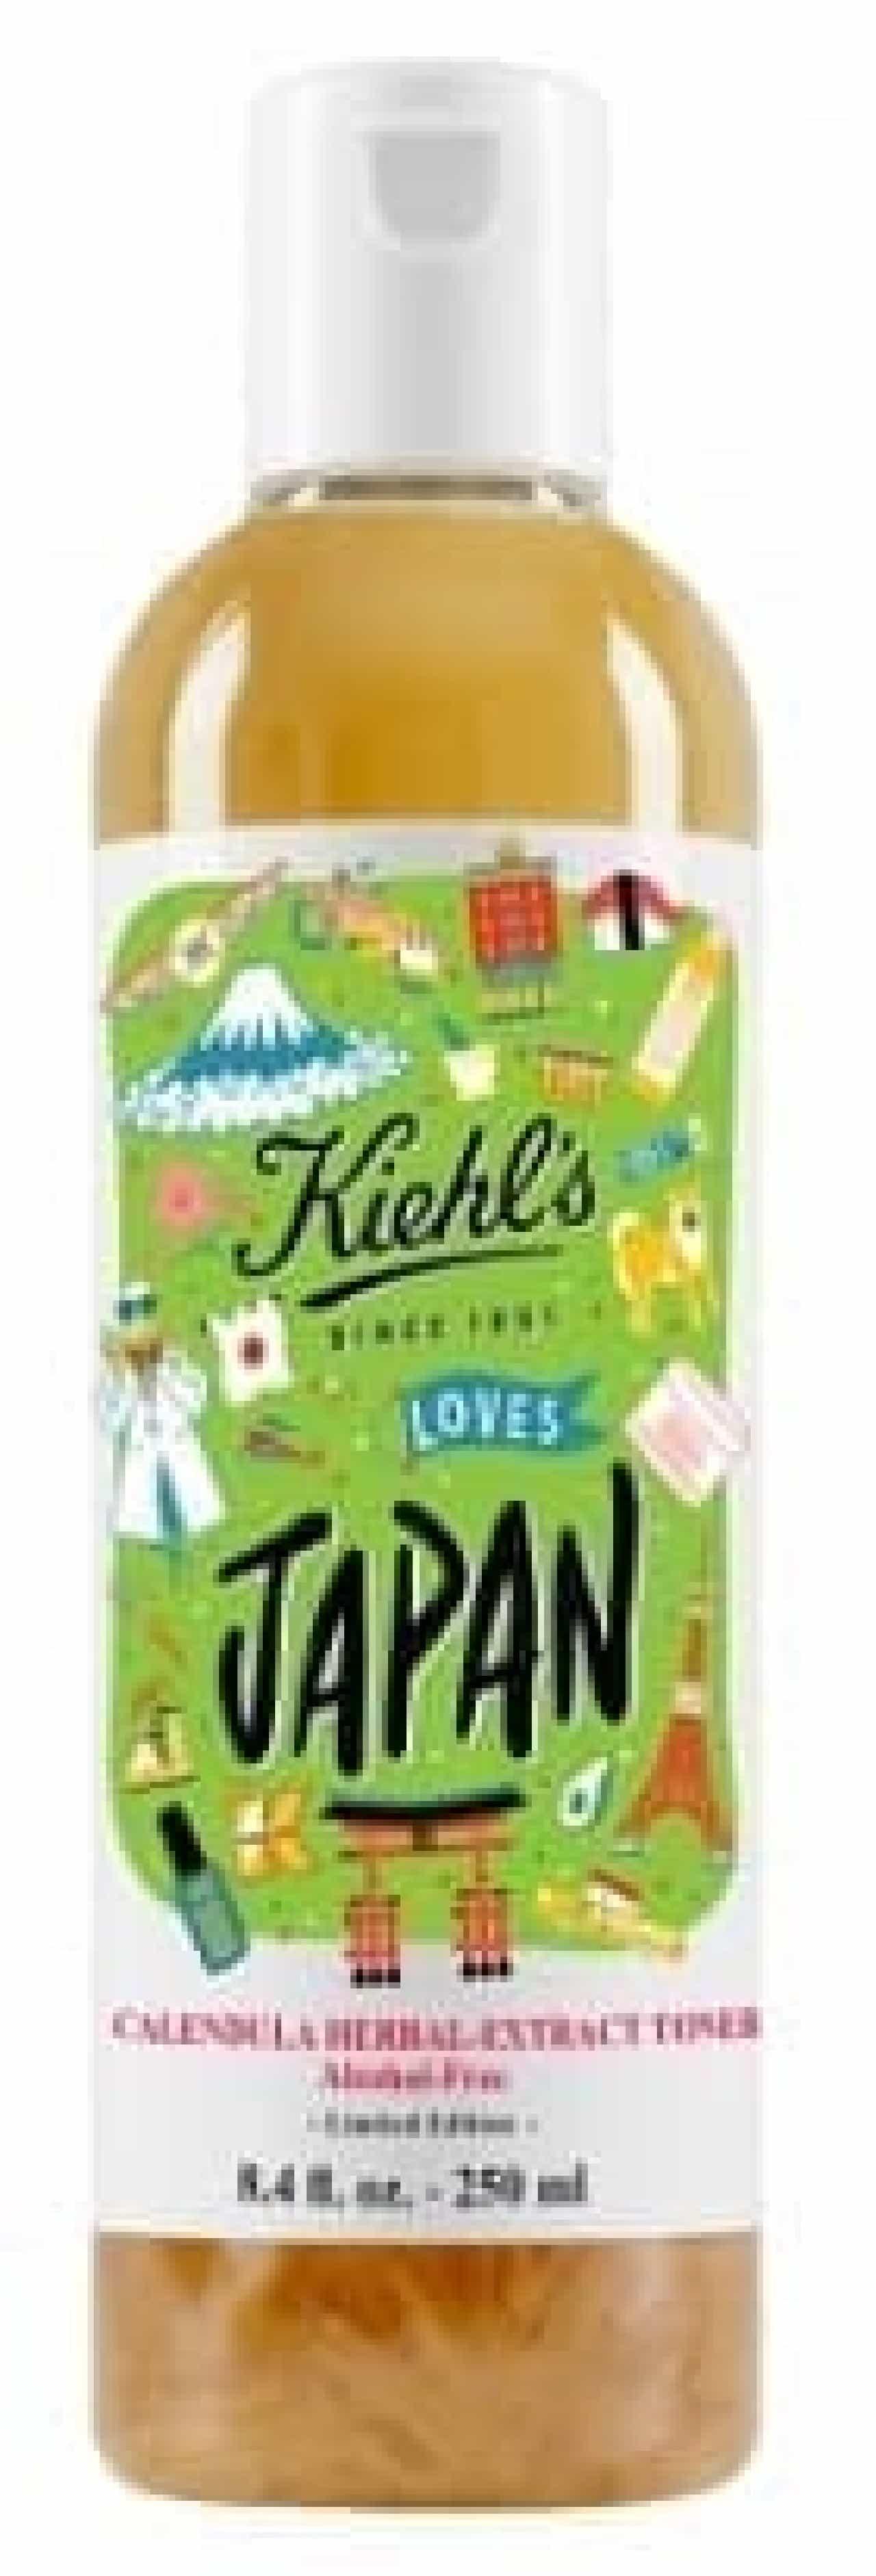 キールズ ハーバルトナー CL アルコールフリー Kiehl's loves JAPAN 限定エディション